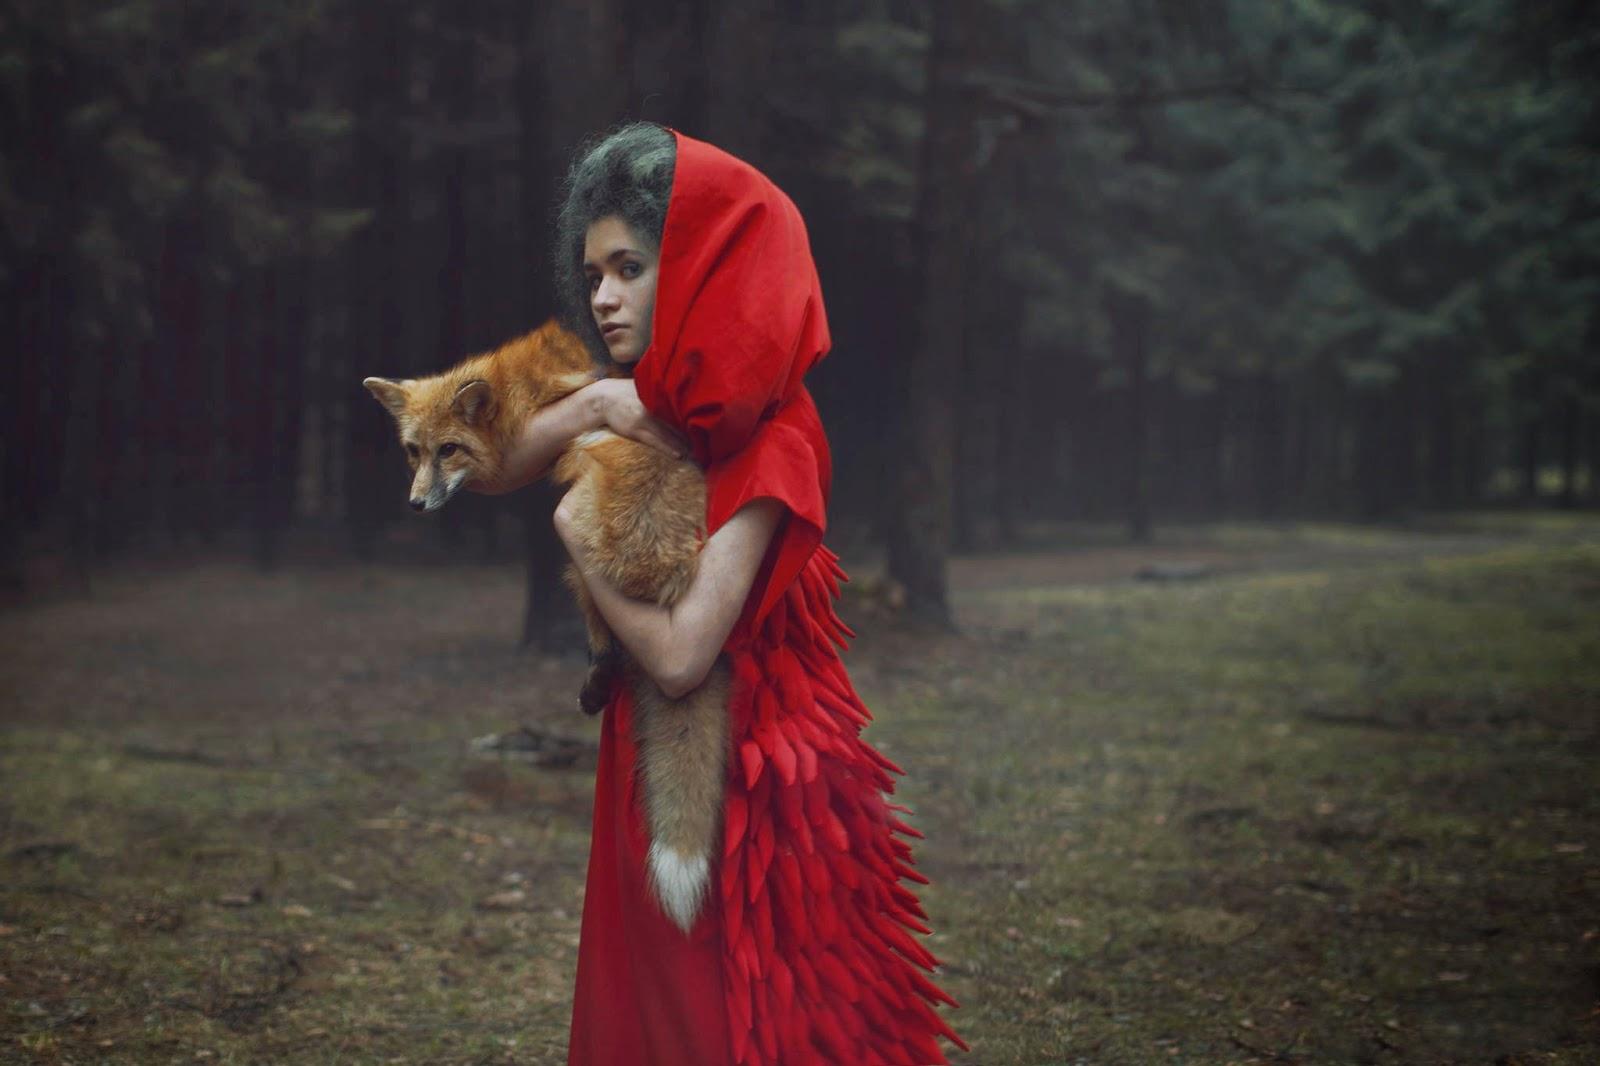 photo de Katerina Plotnikova d'une jeune femme avec une cape rouge tenant un renard